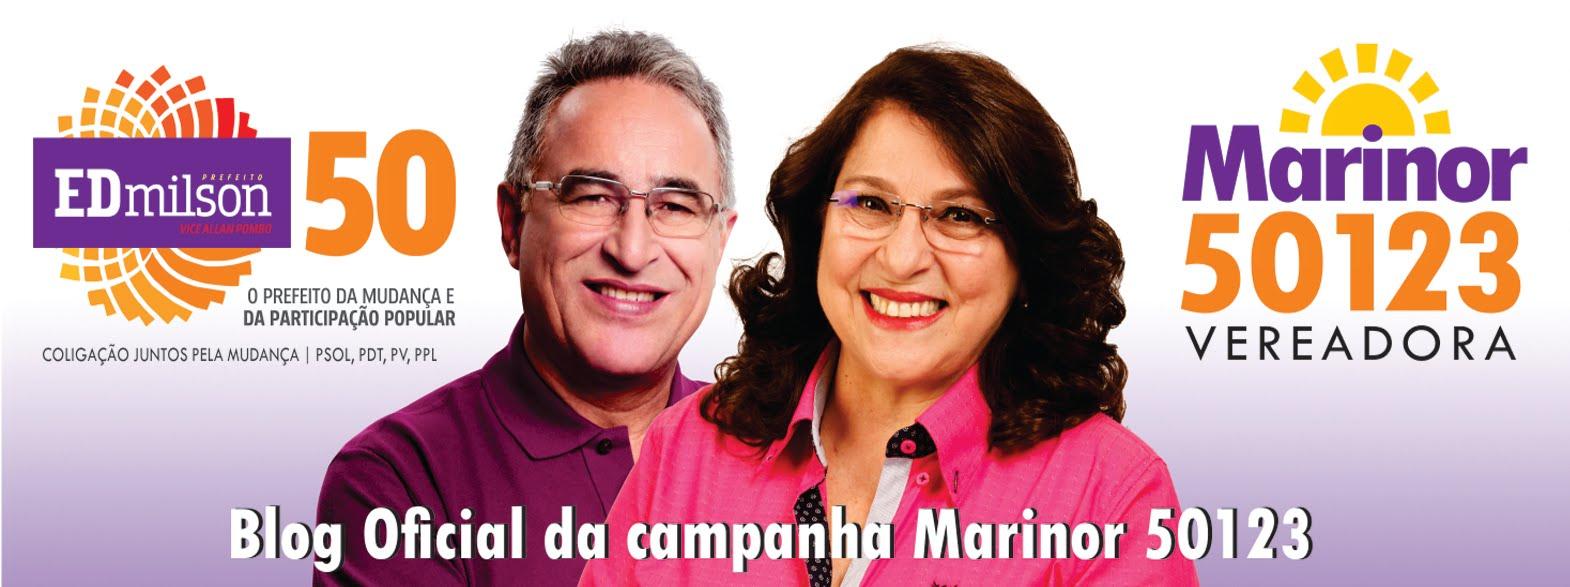 Marinor 50123